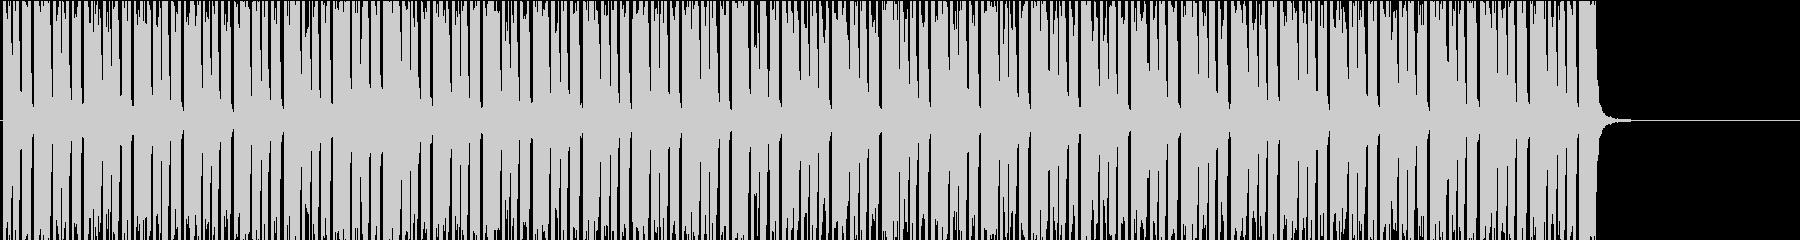 【TV・ラジオ】フラットなニュースBGMの未再生の波形